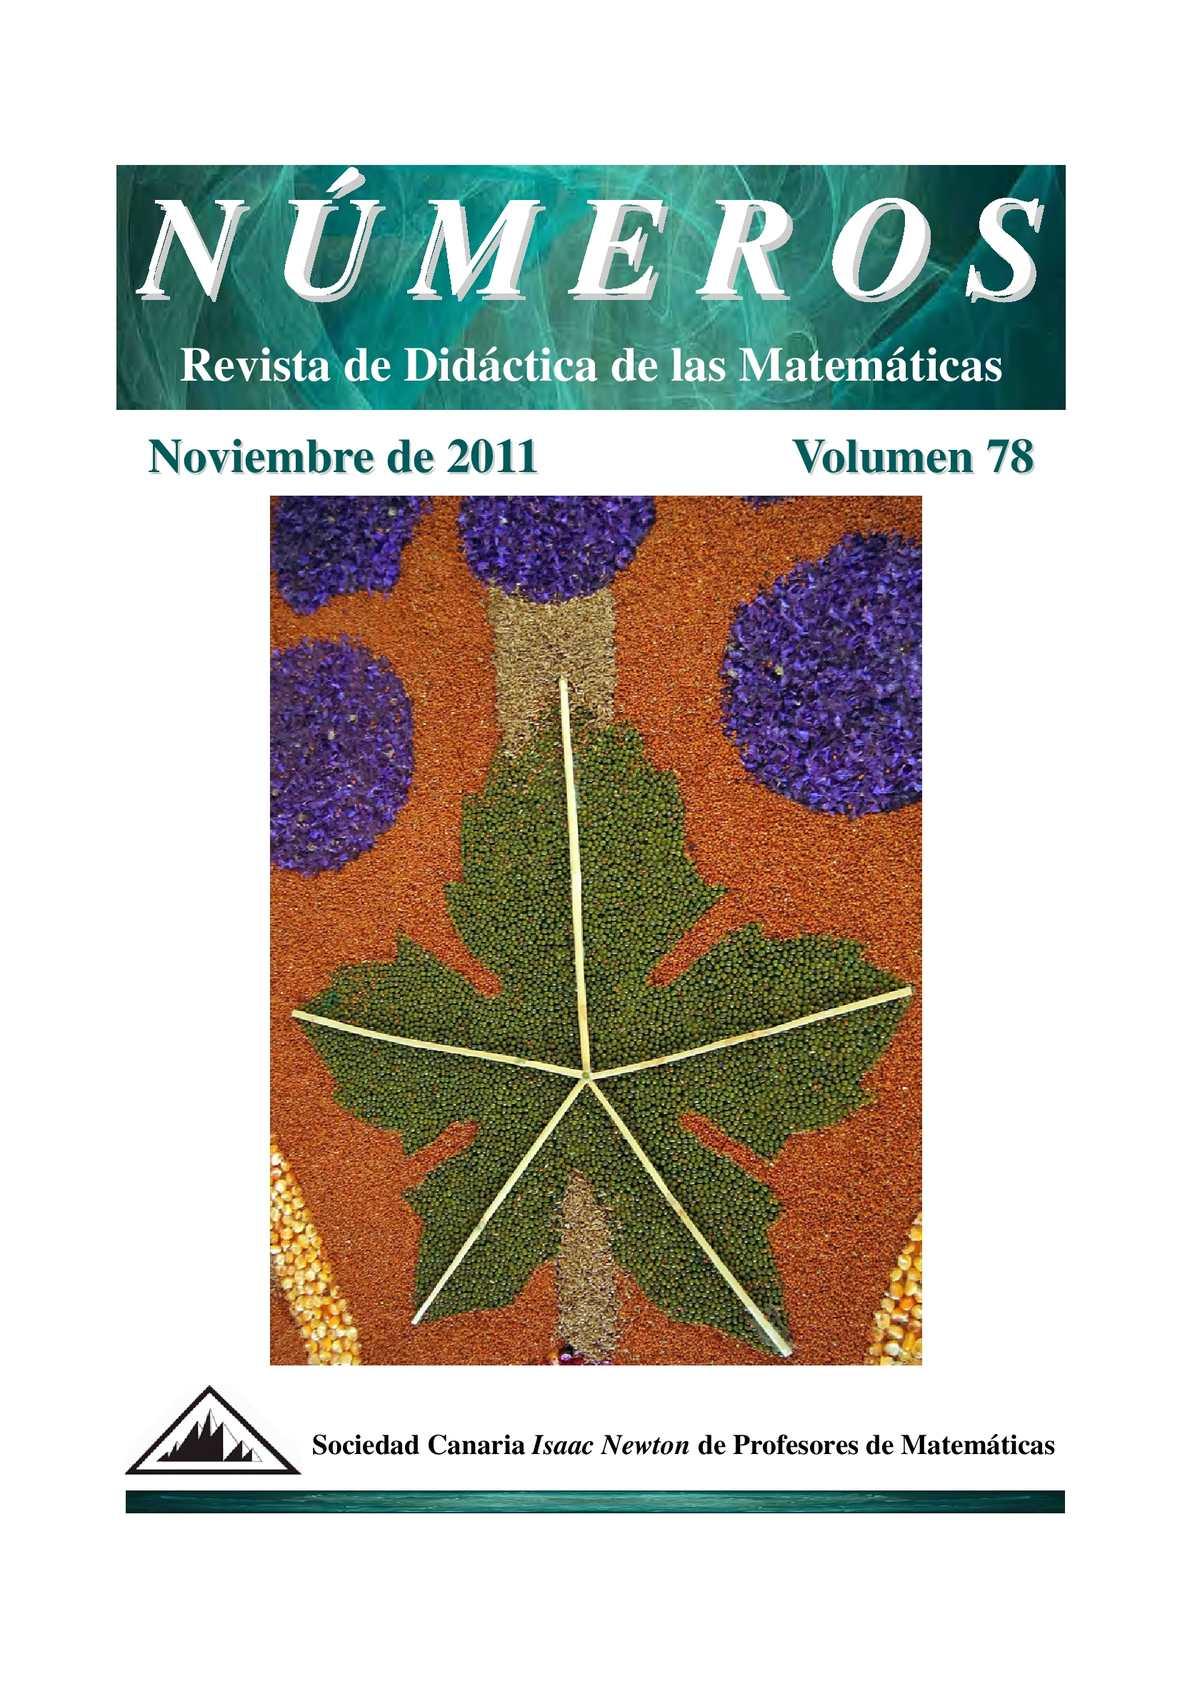 Calaméo - Números. Revista de Didáctica de las Matemáticas - 78